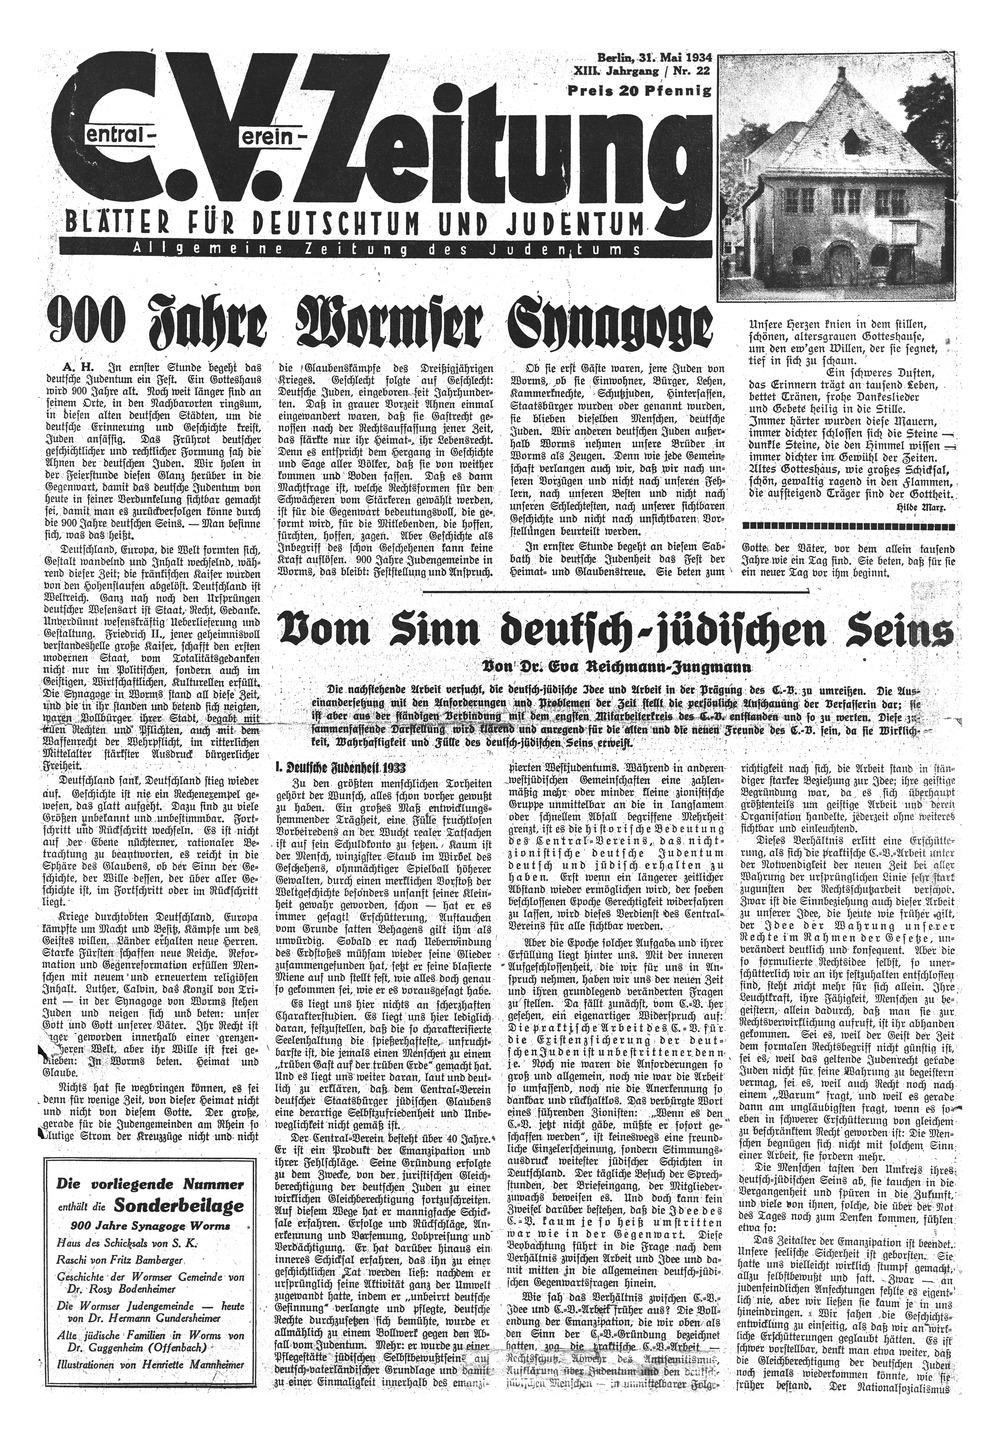 Central-Verein-Zeitung - Page 1